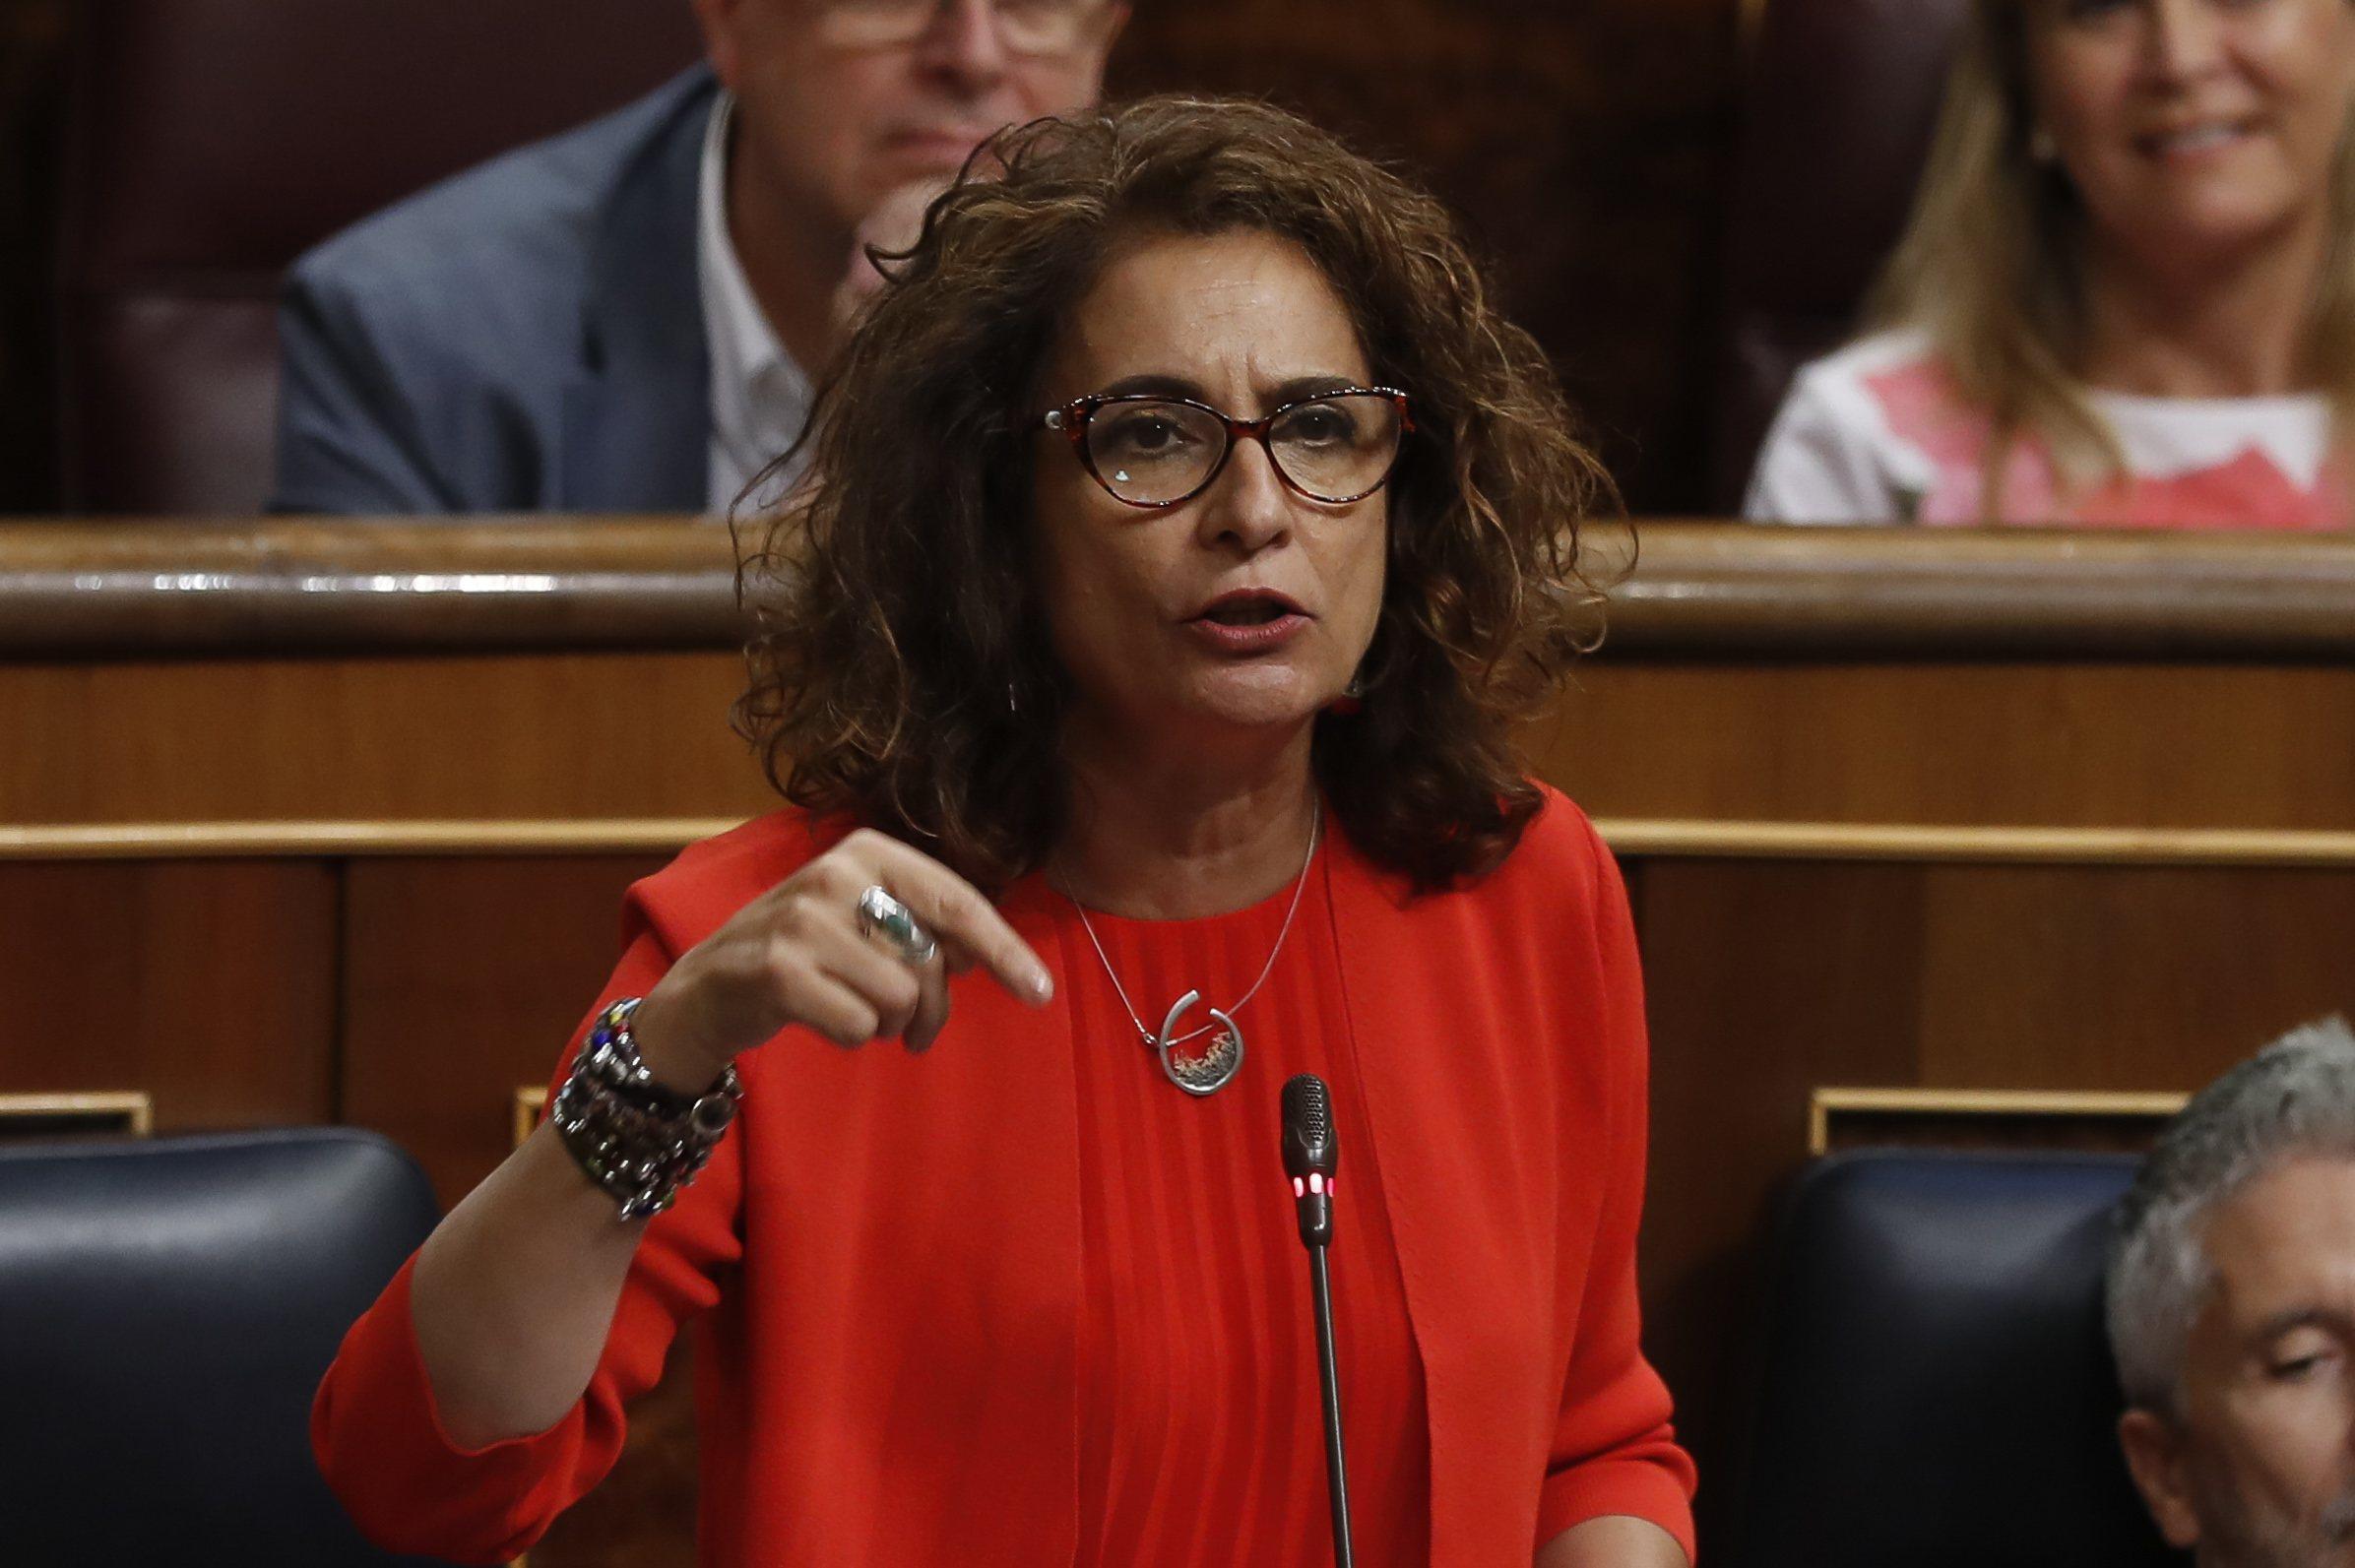 La ministra de Hacienda en activo, María Jesús Montero, en una imagen de archivo